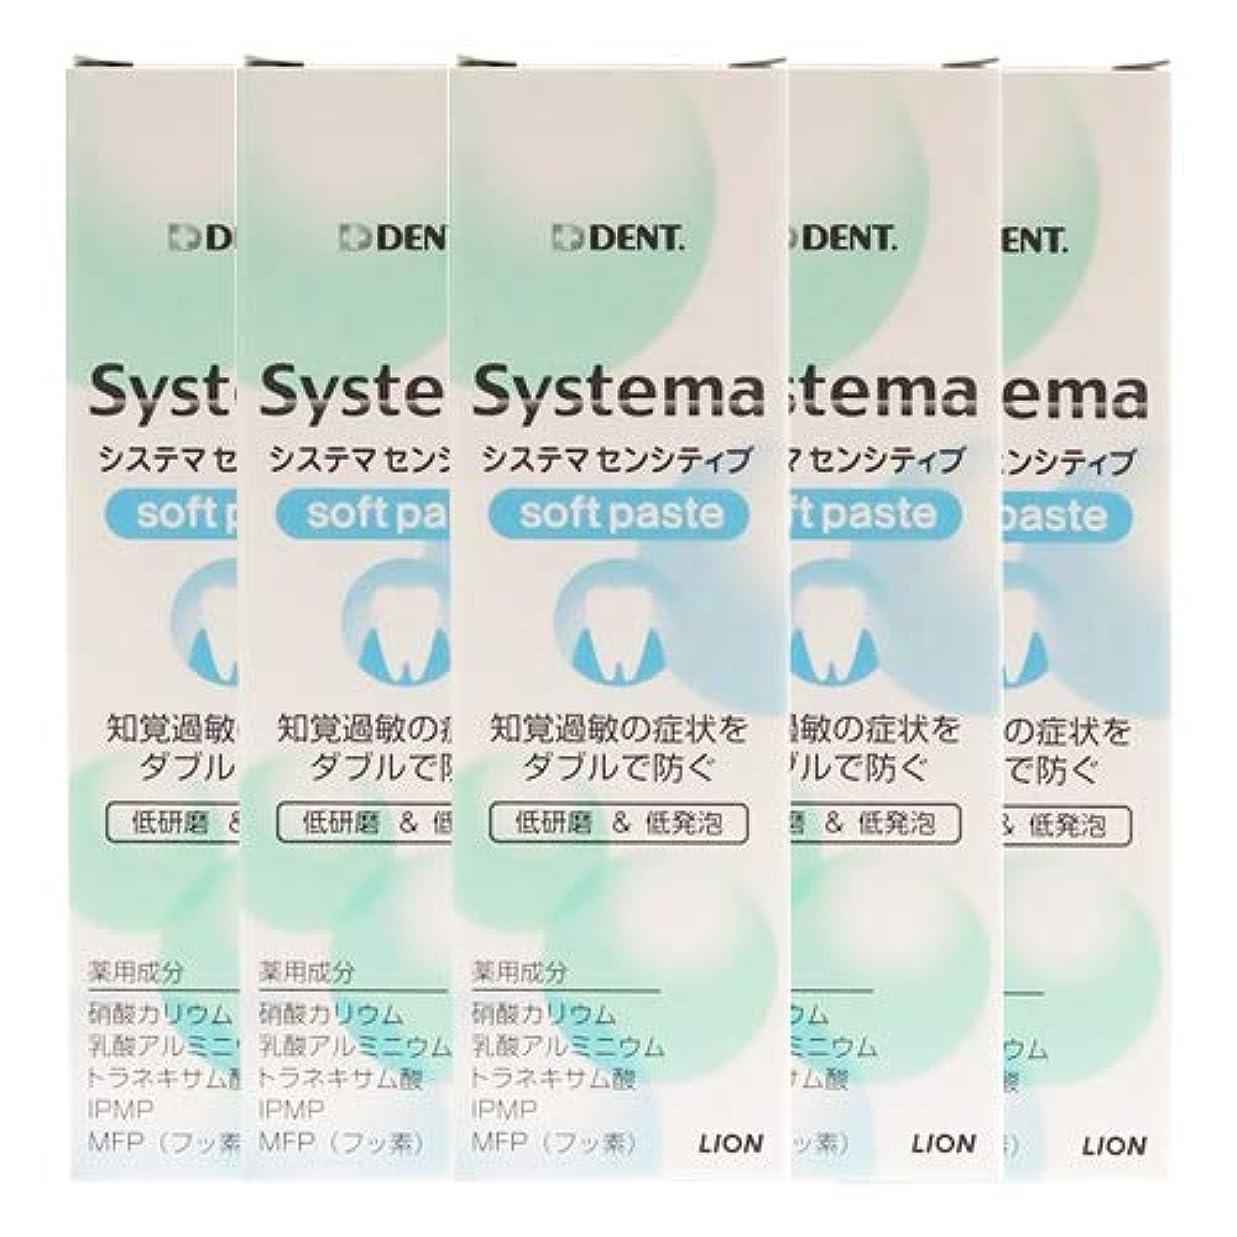 ライオン(LION) デント システマセンシティブ ソフトペースト (フレッシュハーブ) 90g 5箱セット